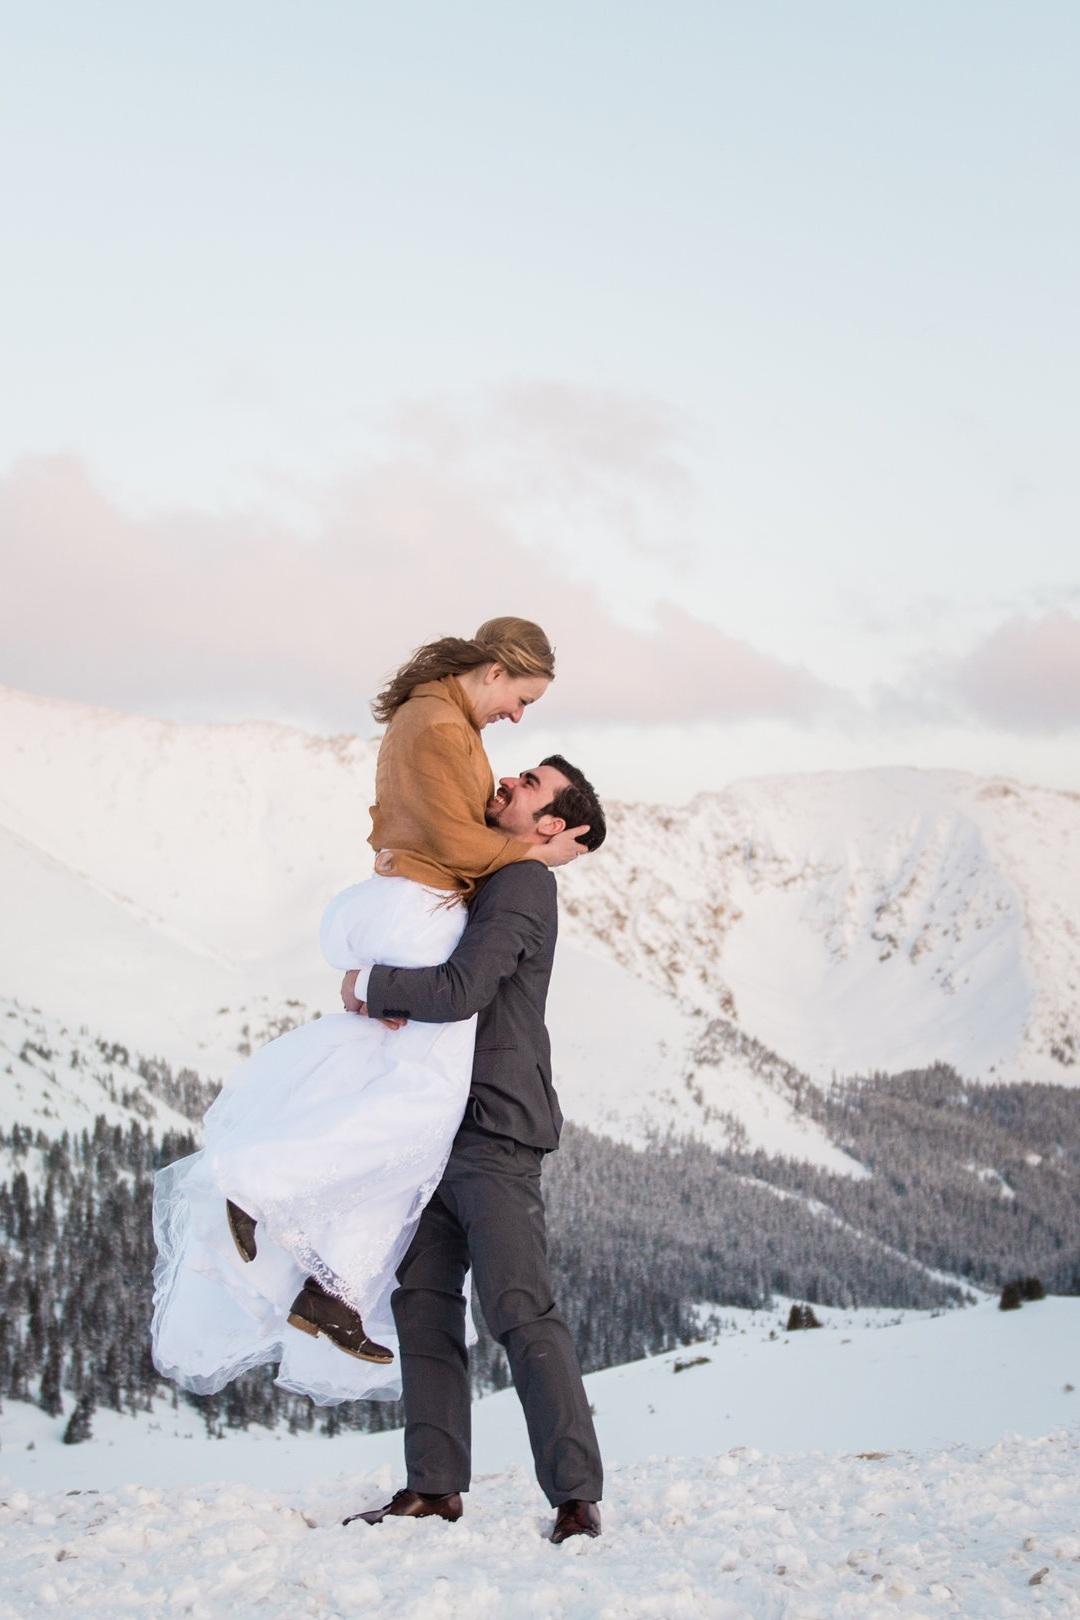 Winter Elopement - Rachel & Scott